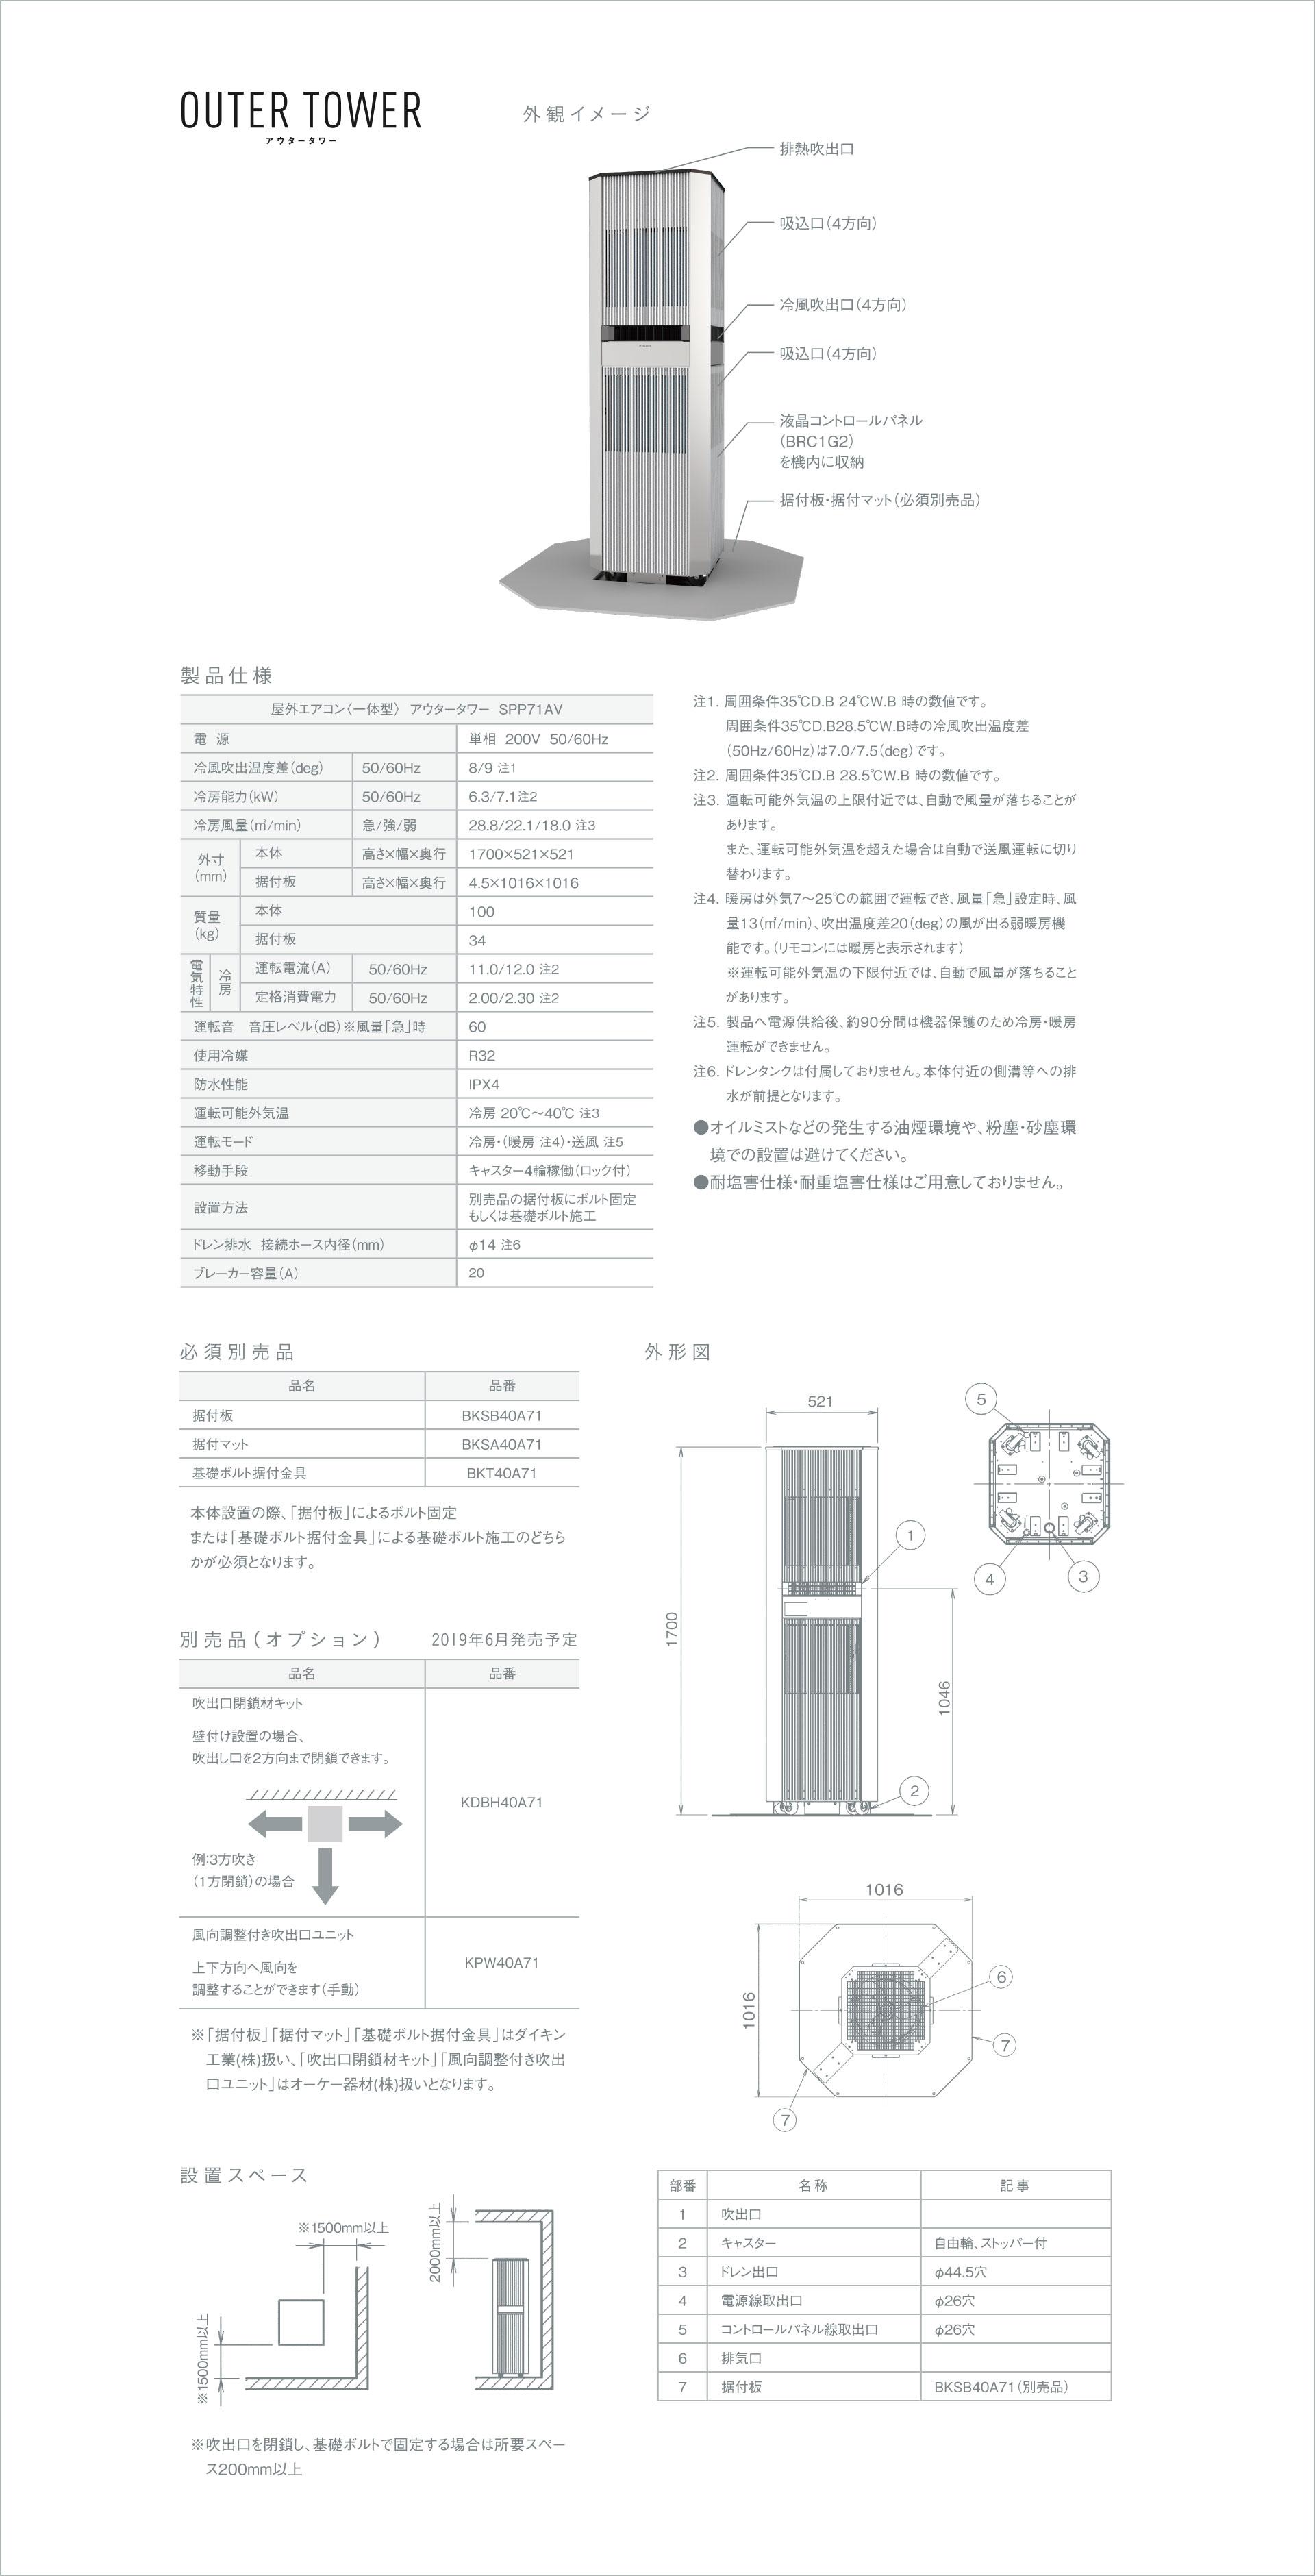 アウタータワー 外観イメージ 製品仕様 必須別売品 別売り品(オプション) 設置スペース 外形図